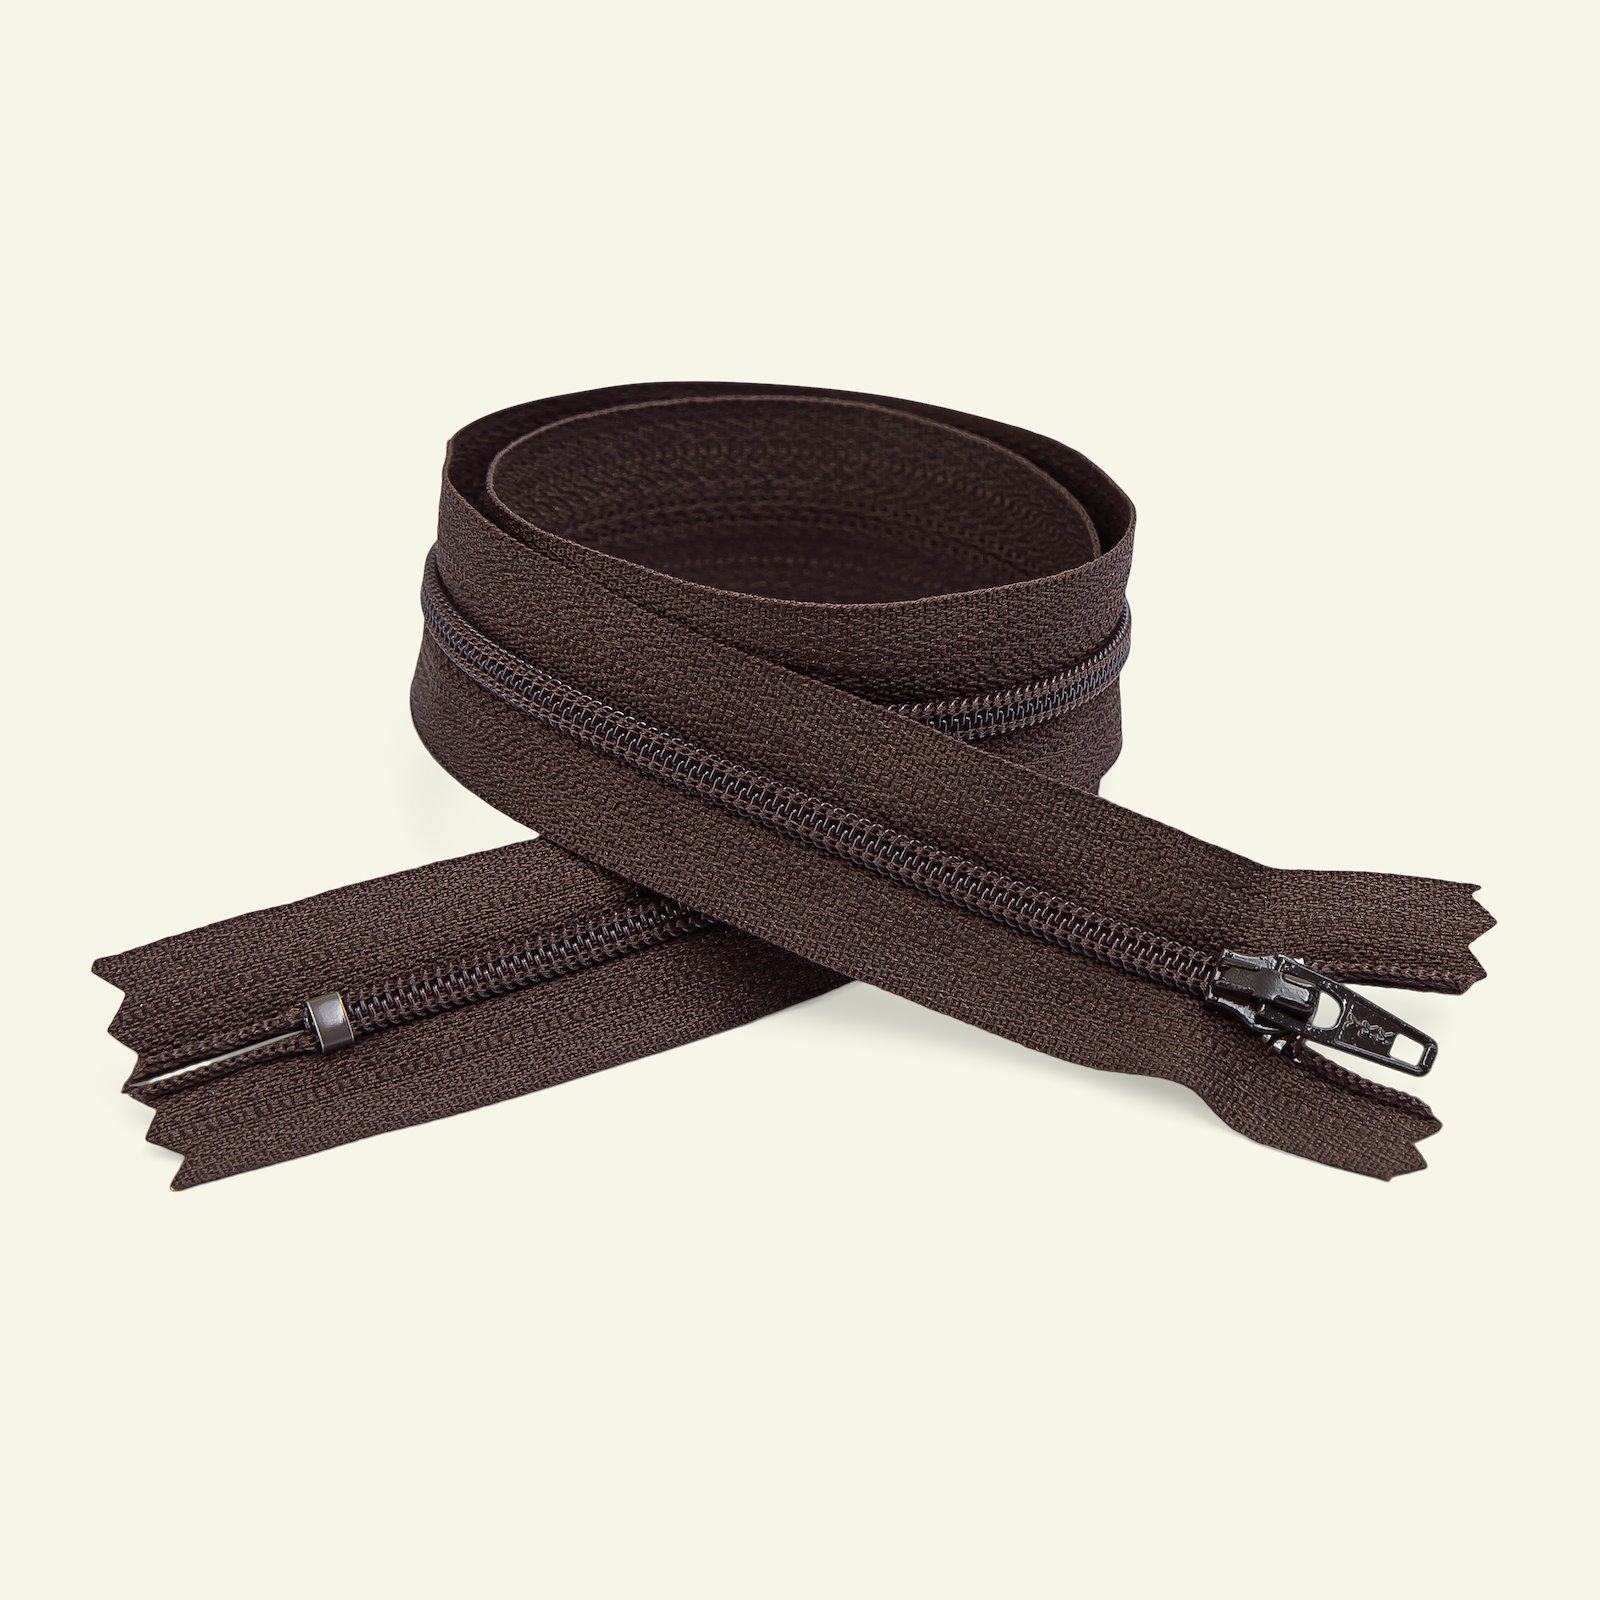 YKK zip 4mm closed end 15cm brown x40537_pack